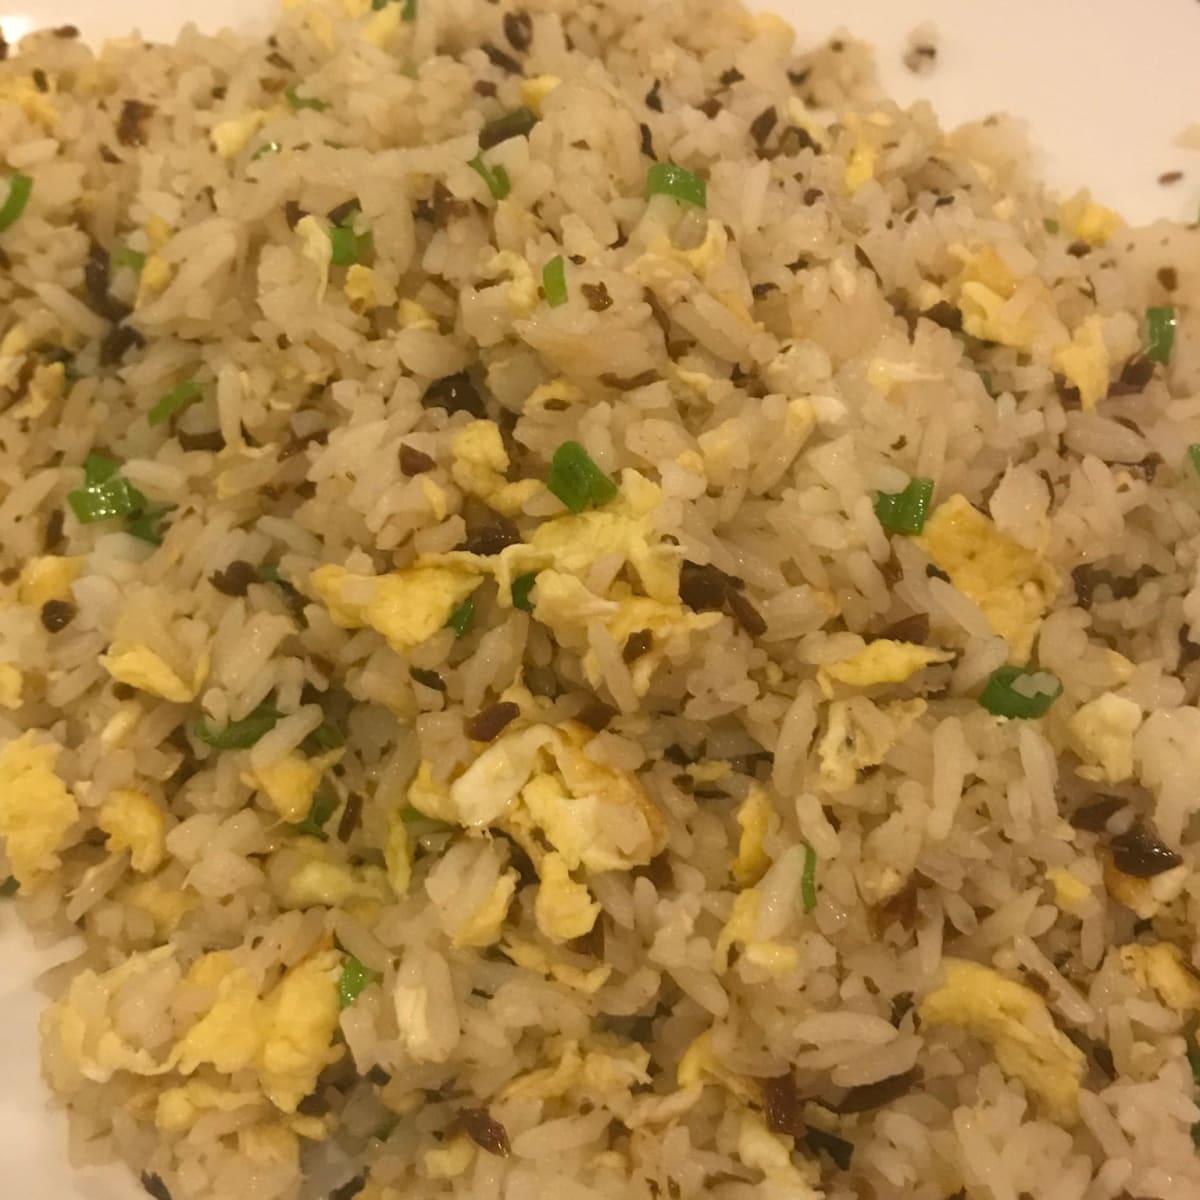 Chengdu Taste - fried rice